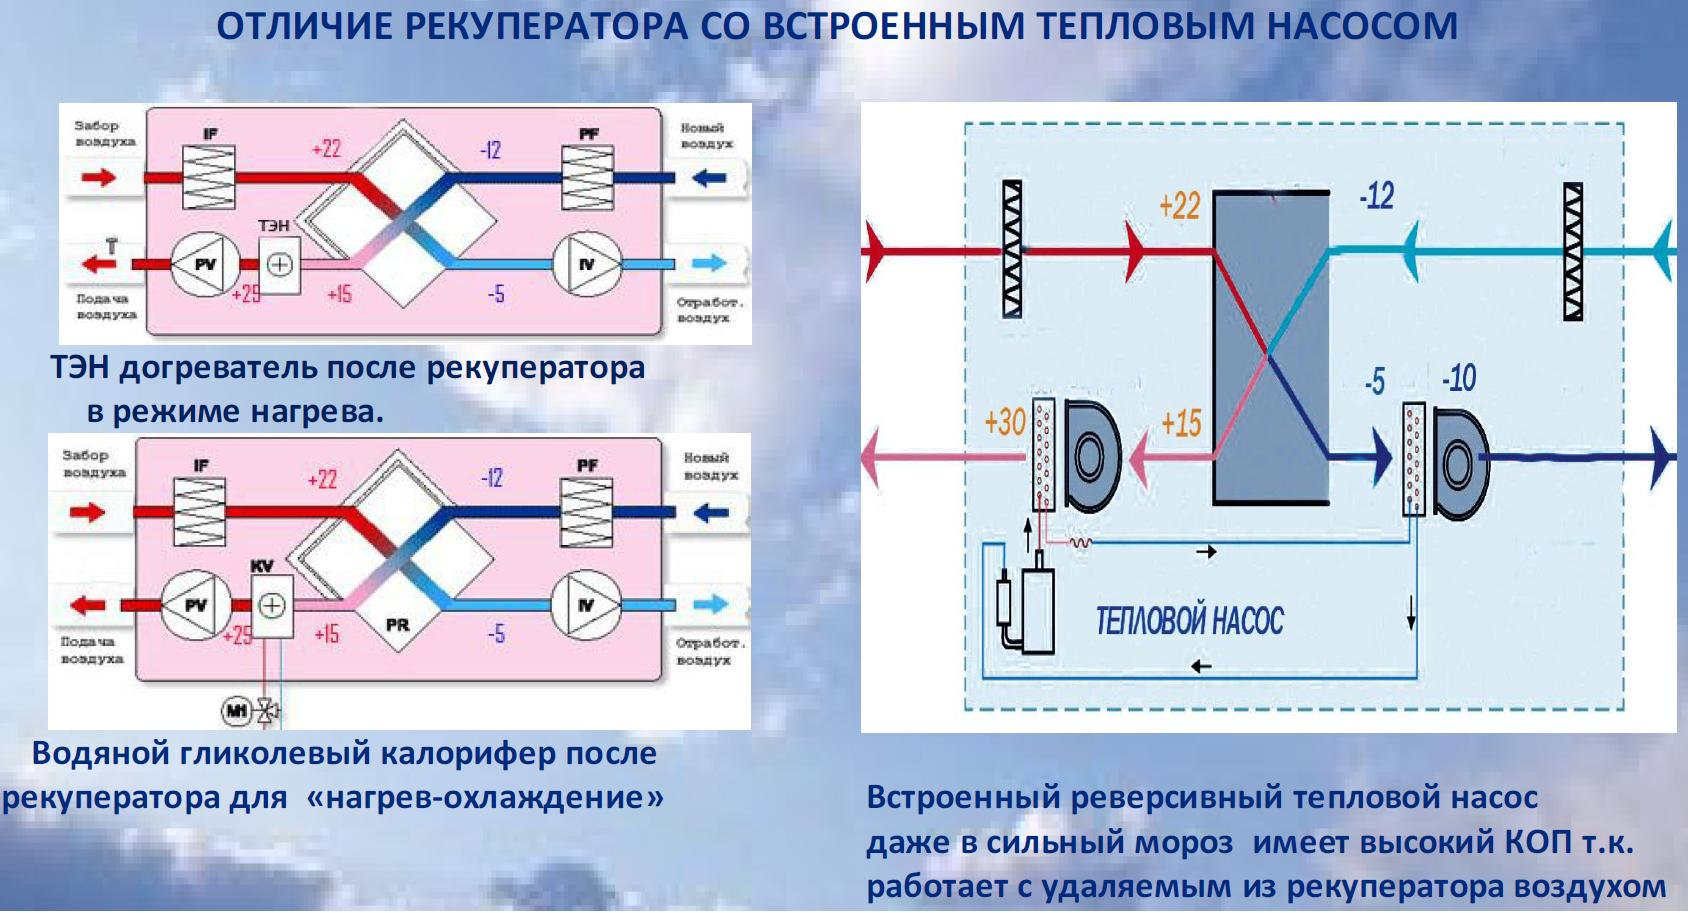 Вентиляция с рекуперацией тепла — подробная информация